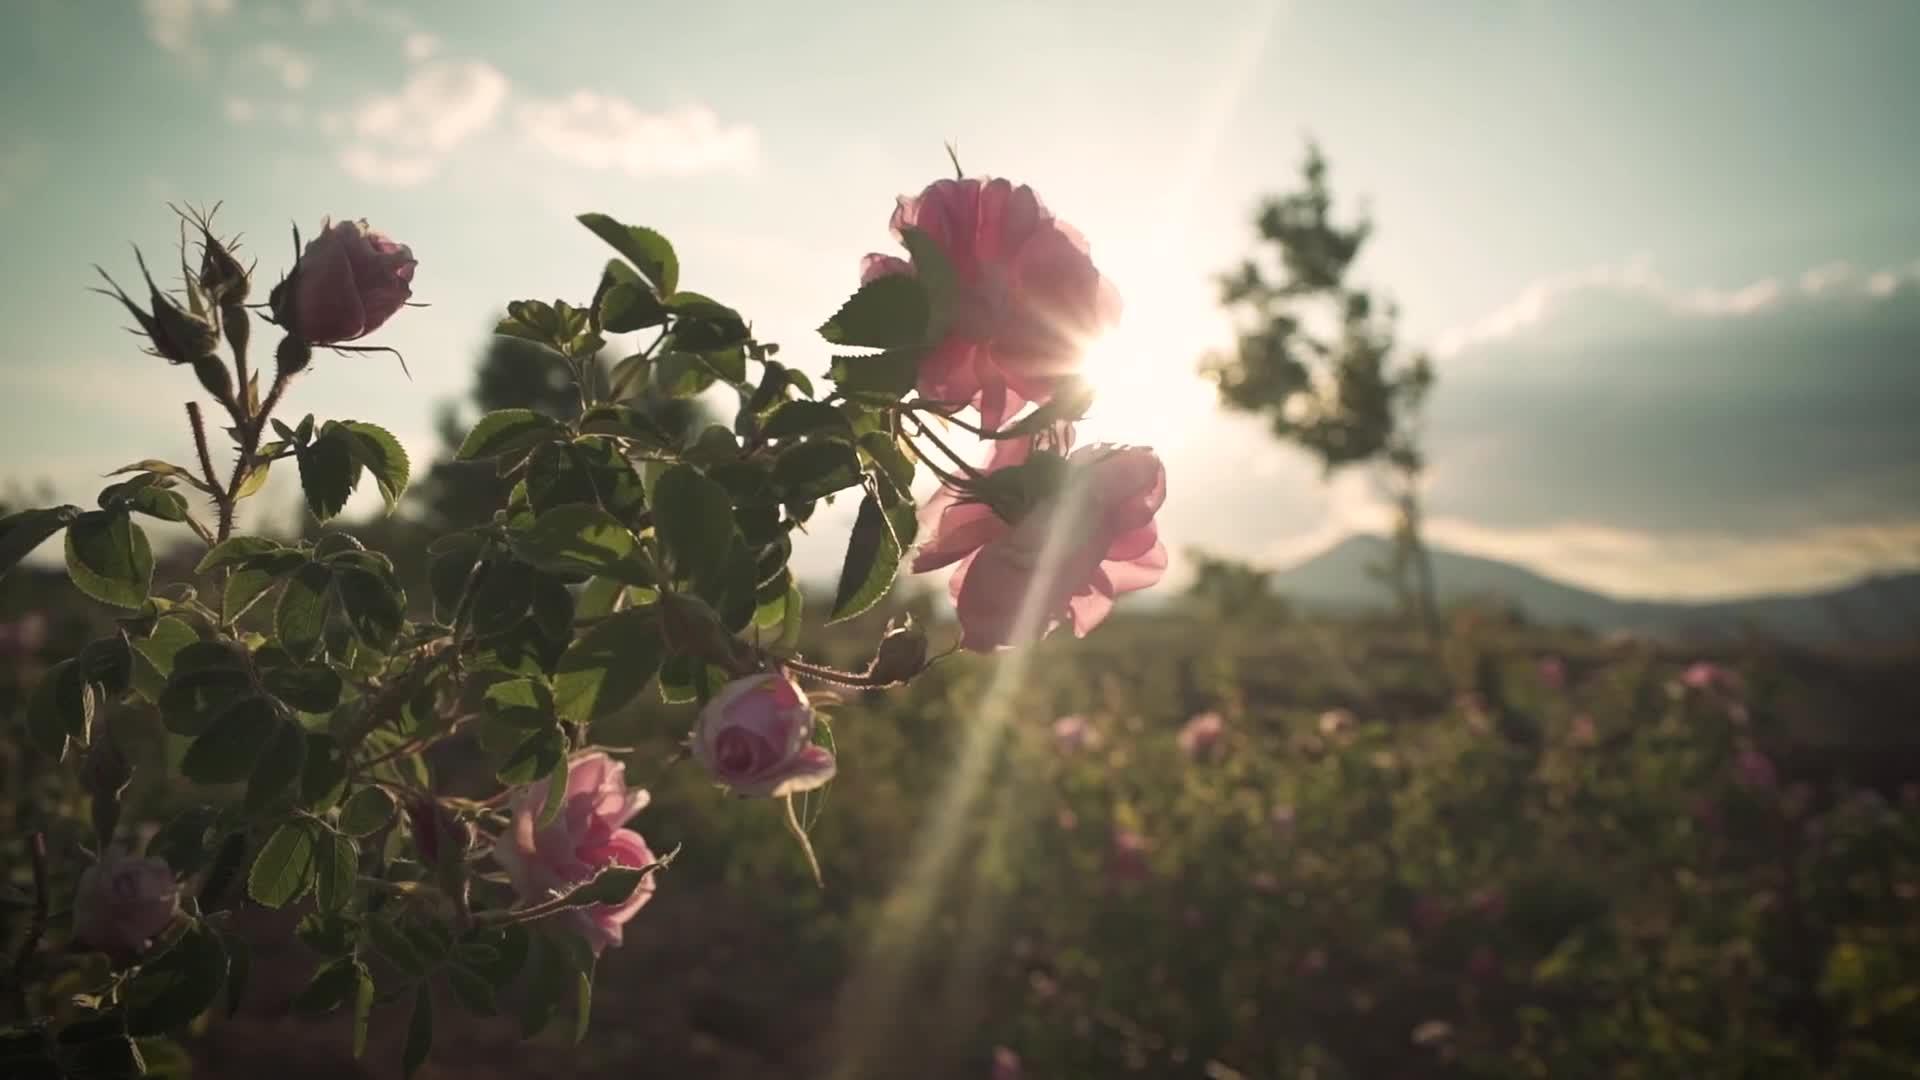 ขายส่งที่ดีที่สุดครีมนวดผมกุหลาบน้ำหอมดอกไม้ confitioner ยาวนานน้ำหอมสำหรับผู้บริโภคระดับไฮเอนด์